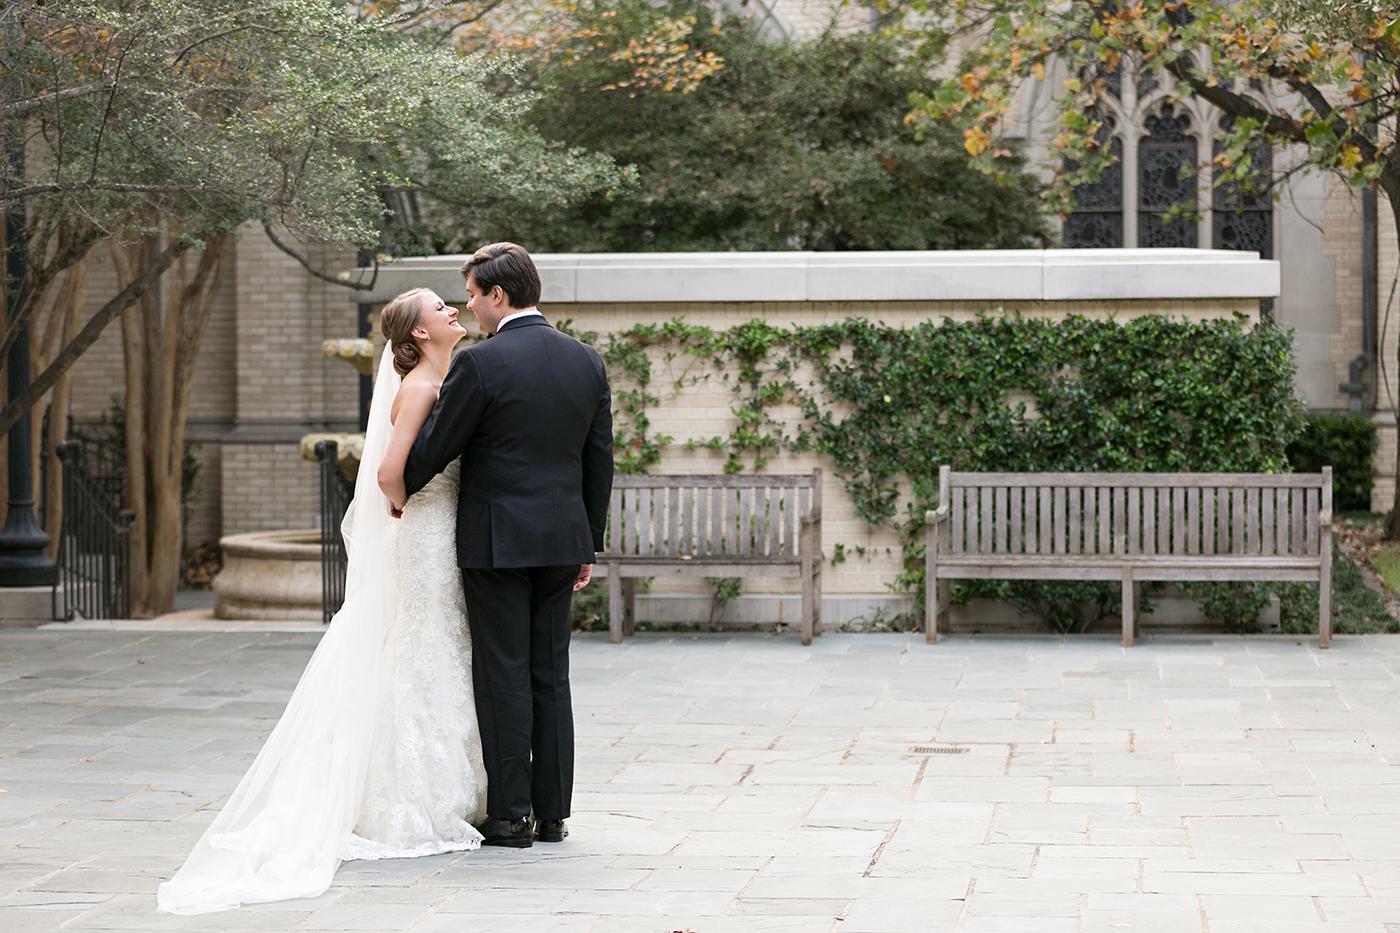 Dallas Wedding Planner - Allday Events - Classic Wedding at Dallas Scottish Rite - 261.jpg